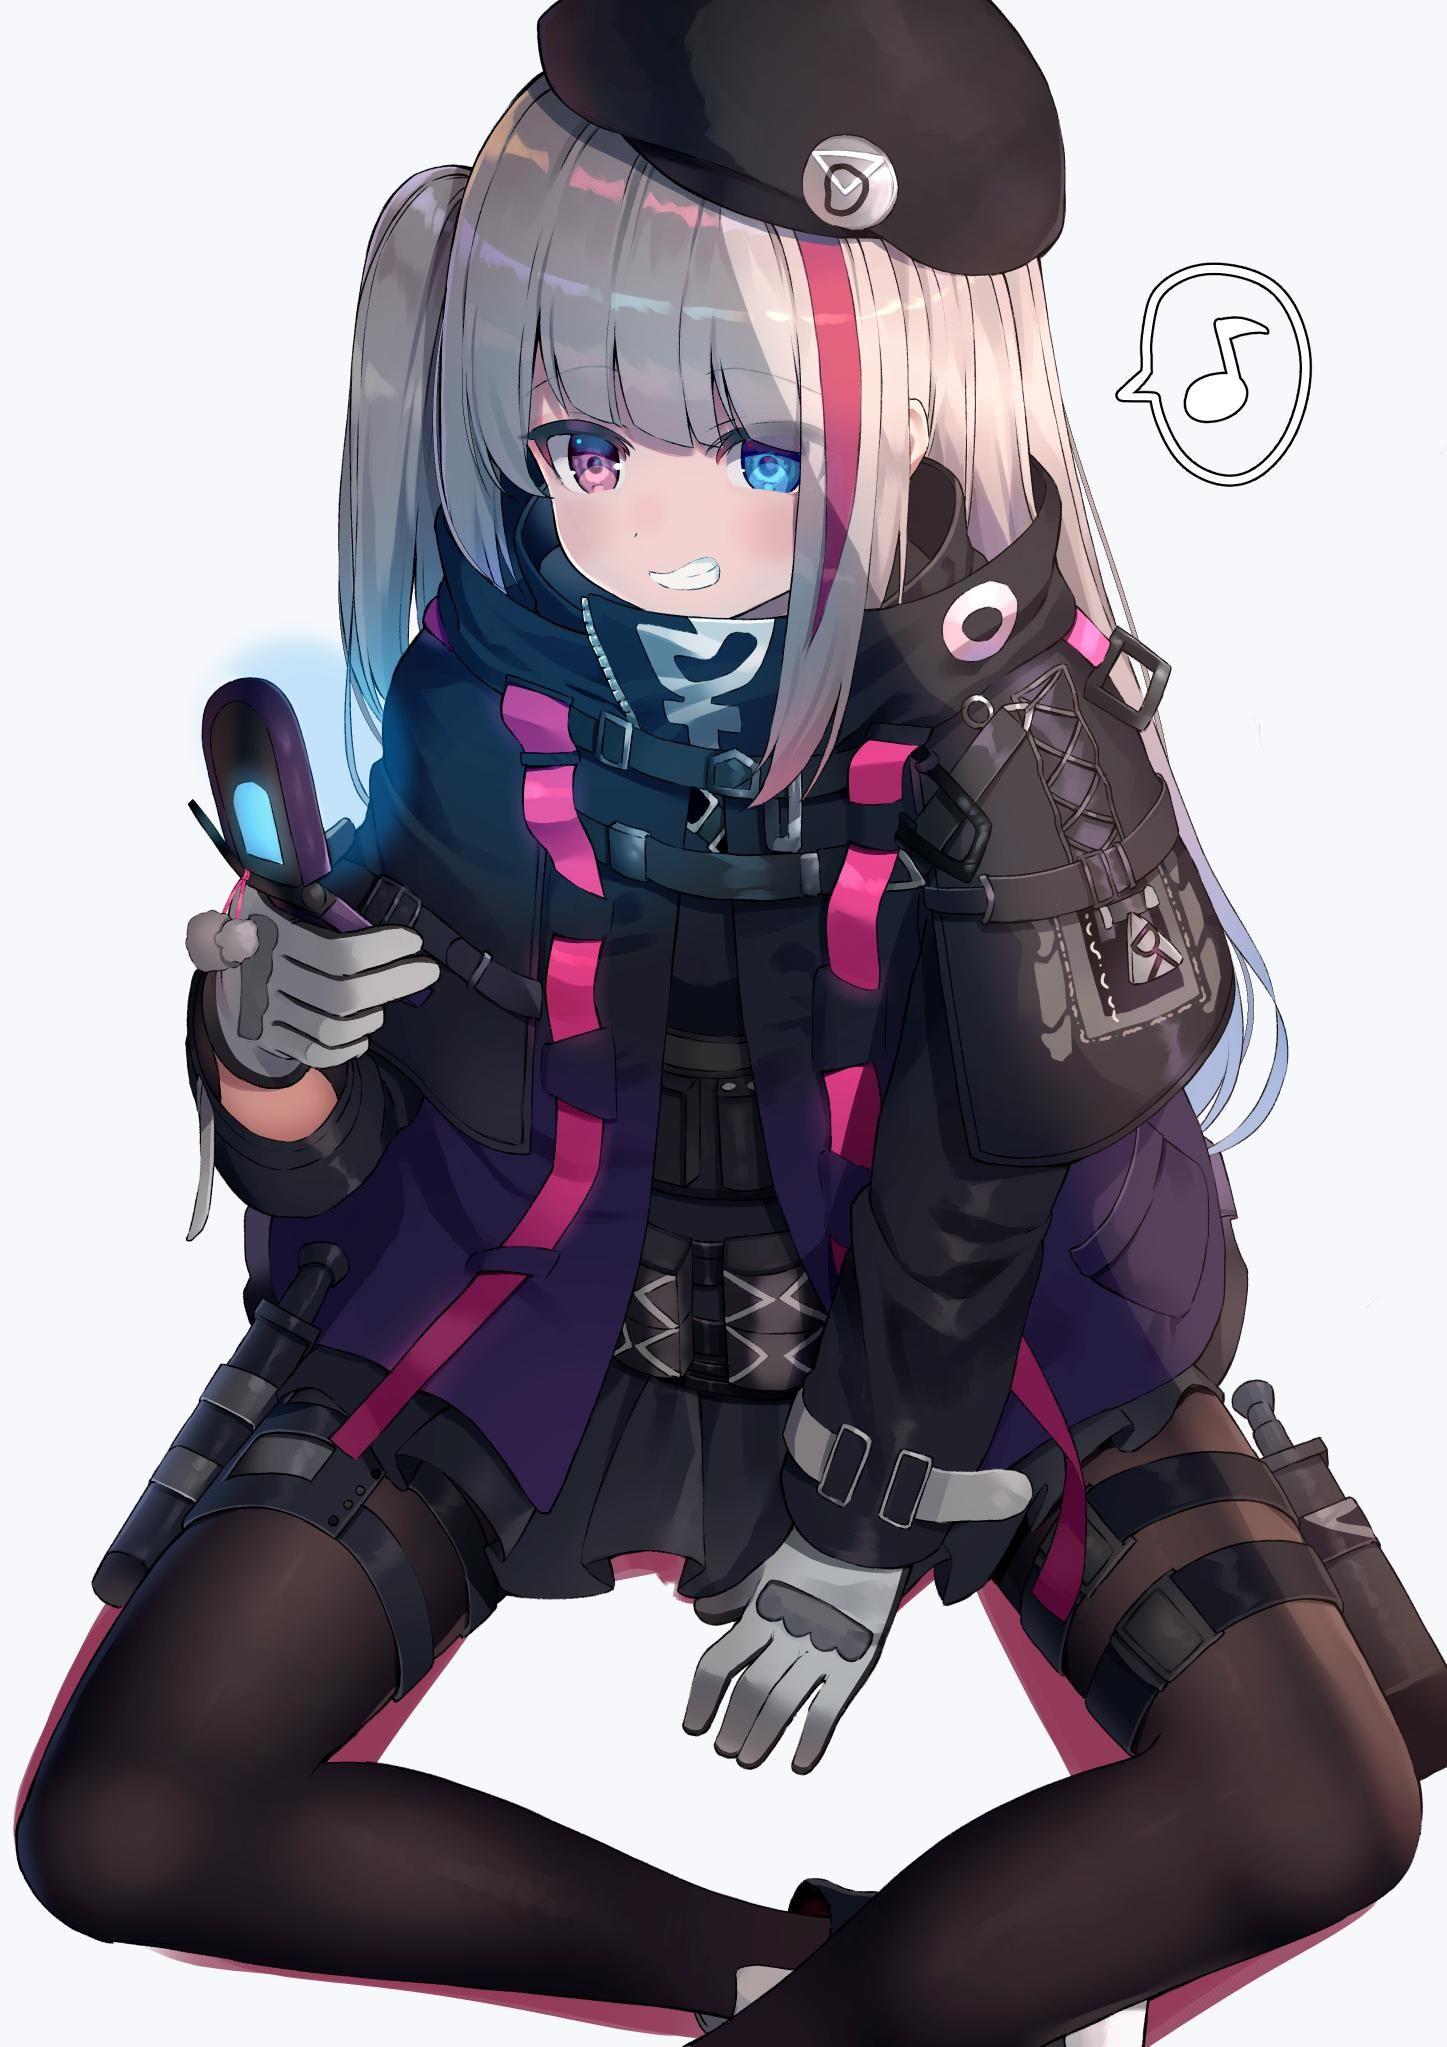 OPEN) on in 2019 Girls frontline, Anime